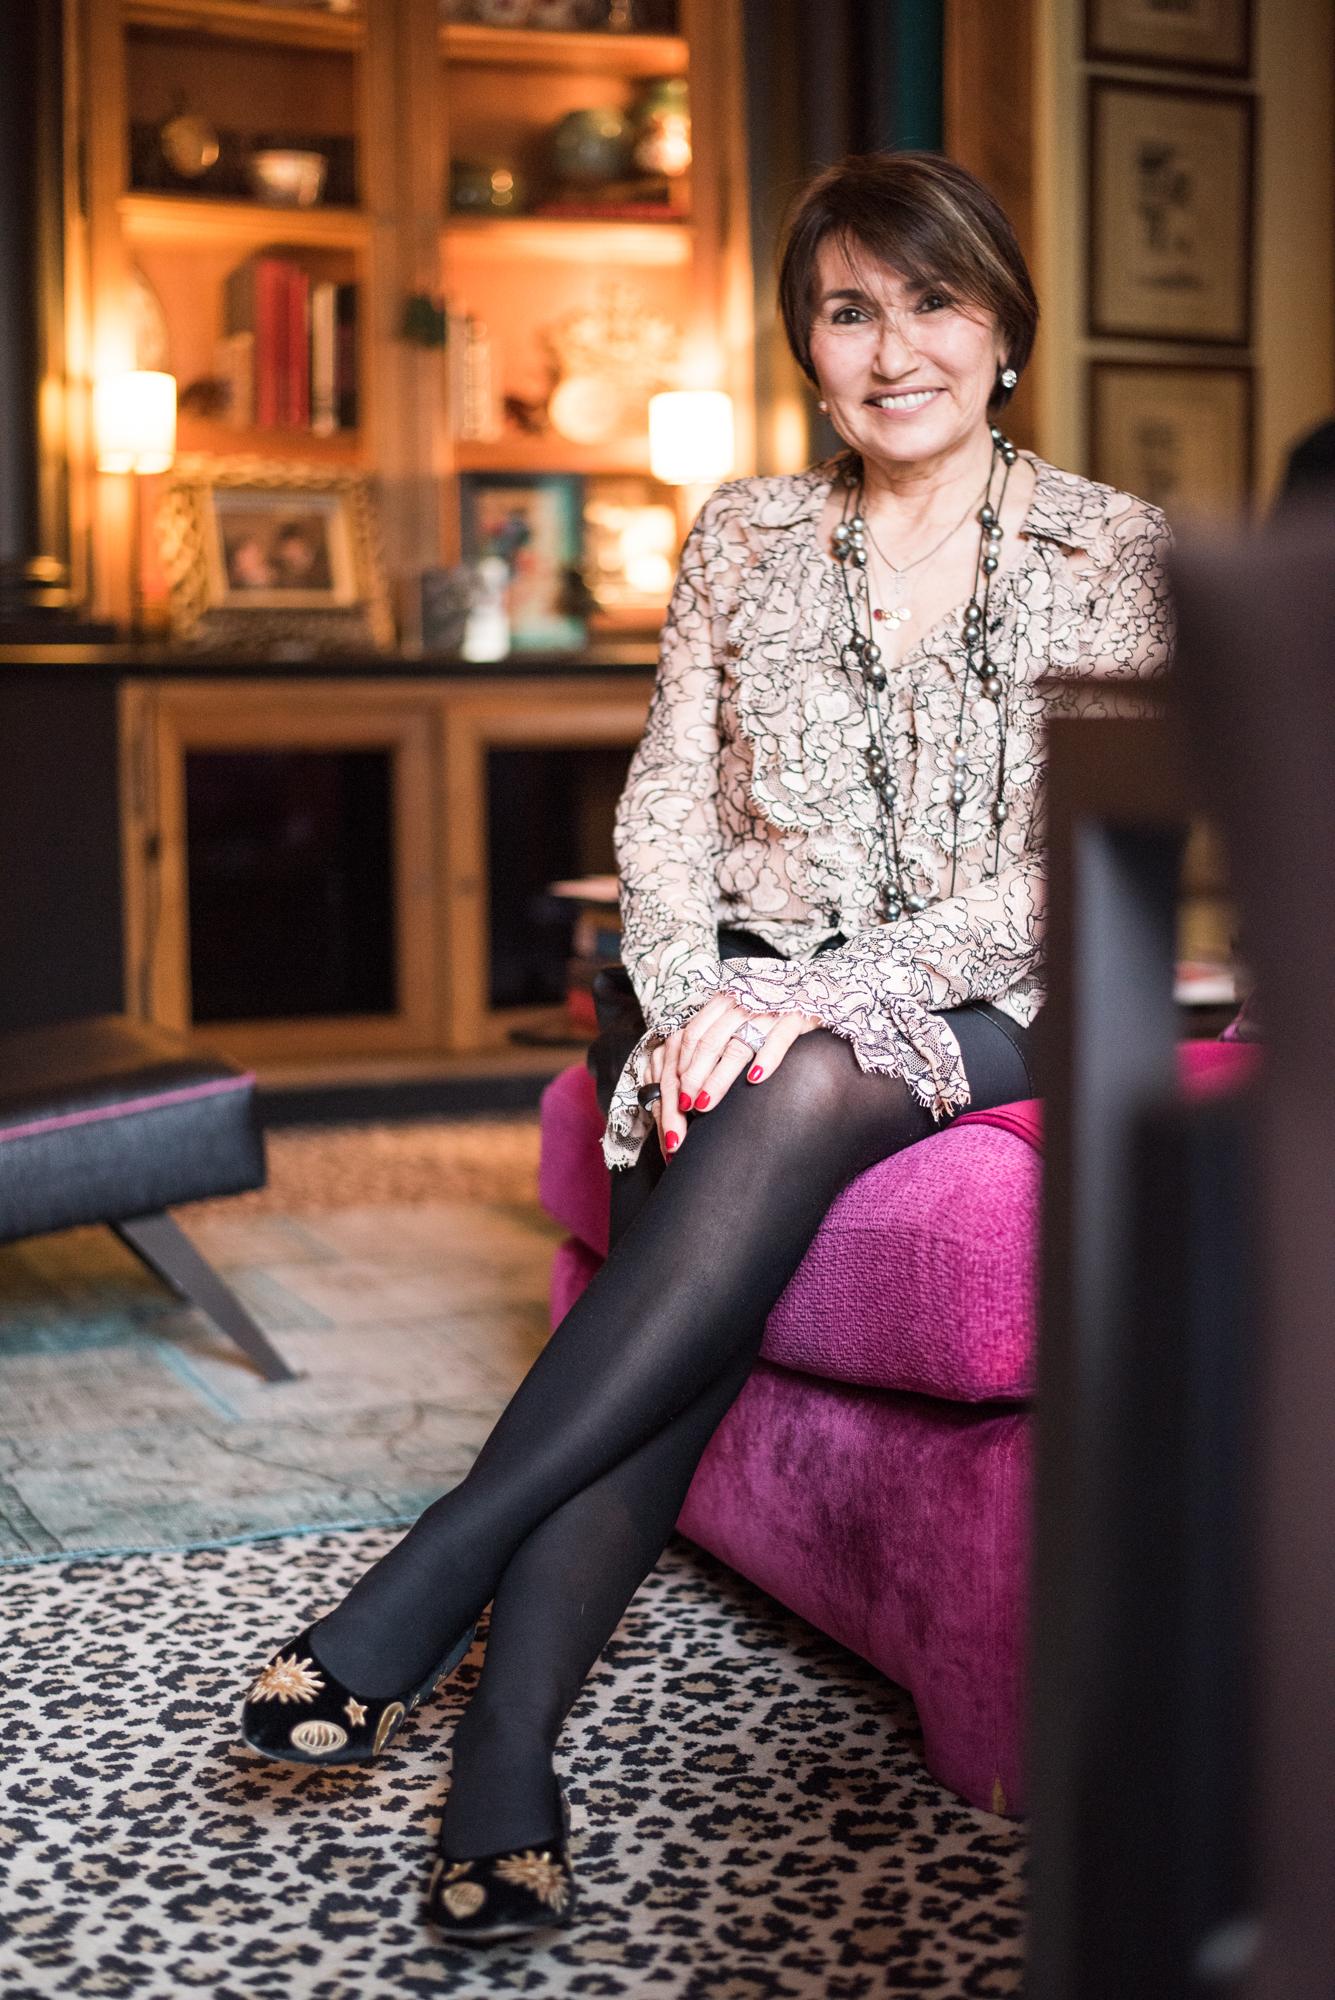 Pitsiröhelöpaita on Chanelin klassikko, jonka Martine osti noin neljävuotta sitten.Nahkashortsit ovat löytö Zarasta ja kengät ovat niin ikään ranskalaiset klassikot,  Massaro. Helmikaulakoru on polyneesialaisen kultasepän,  Robert Wanin ,joka käyttää koruissaan aina harmaita helmiä.Robert Wanin helmikoruja Pariisissa myy  Leclaireur .Musta sormus jota reunustaa timantit,  Vhernier .Korvakorut  Swarovski.